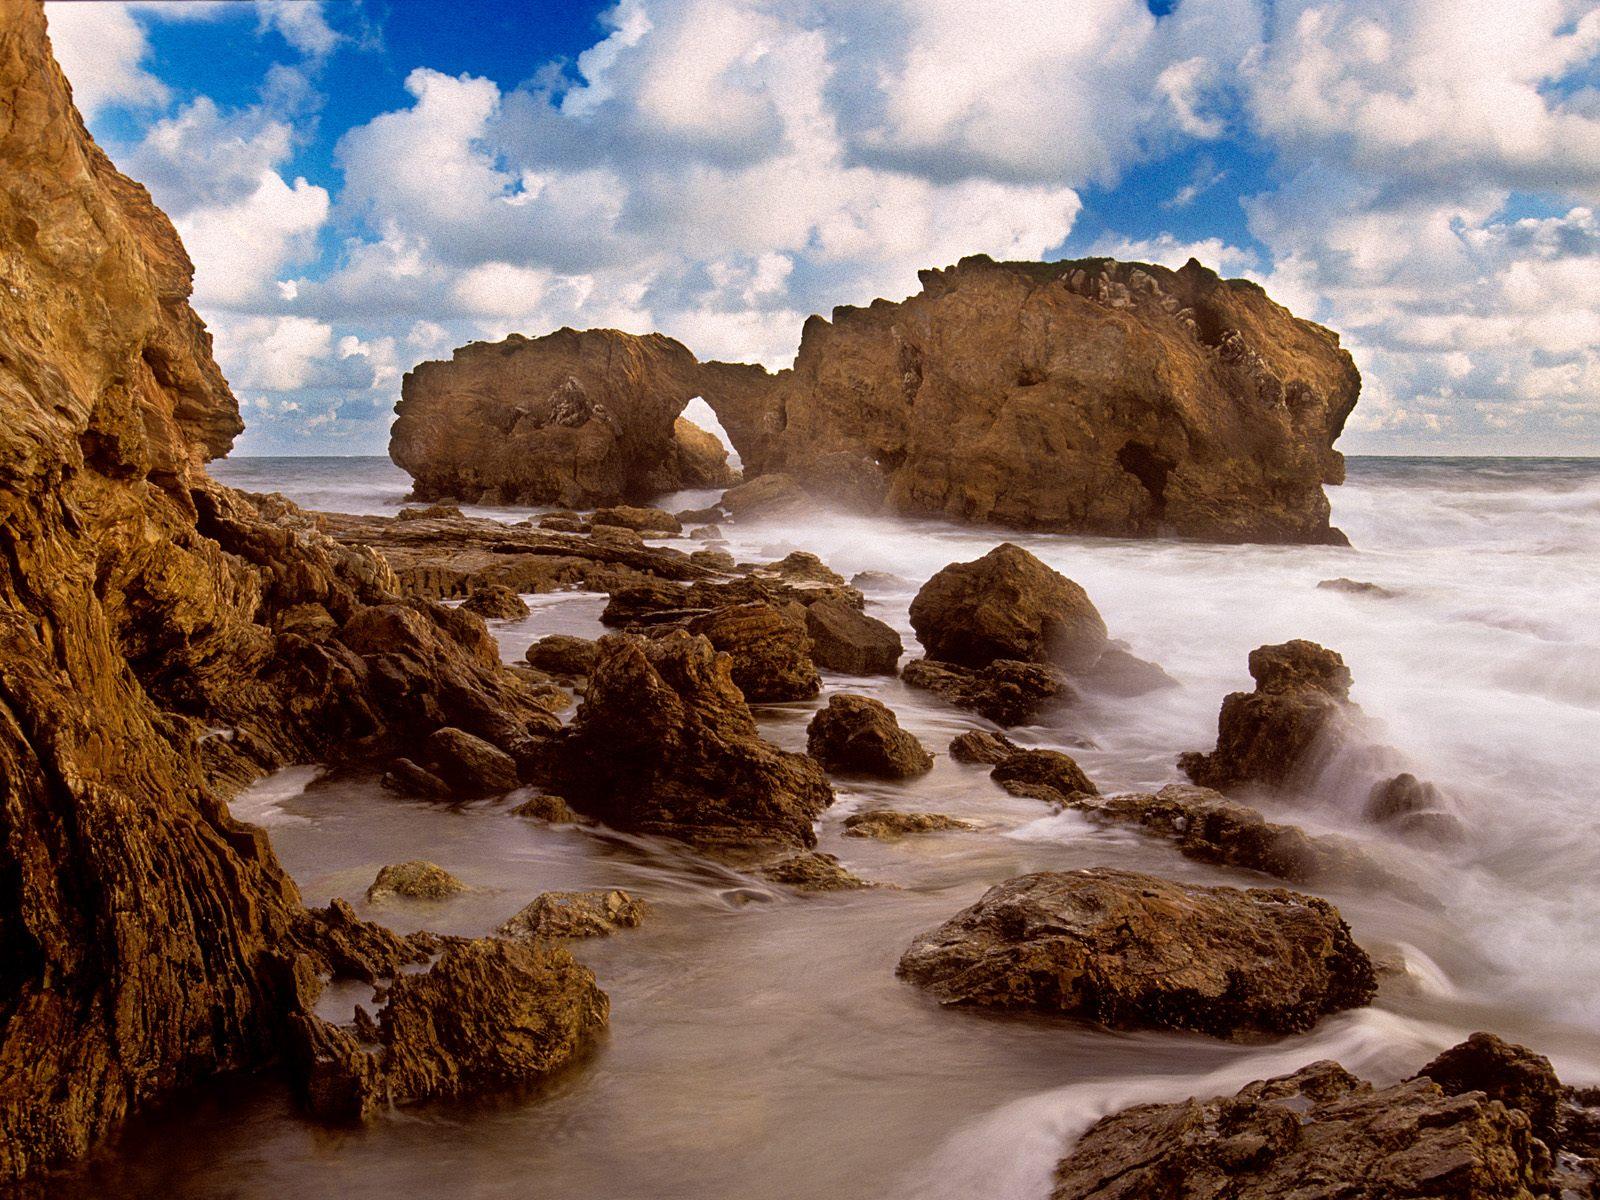 Seascape Corona Del Mar California Wallpaper   HQ Wallpapers 1600x1200